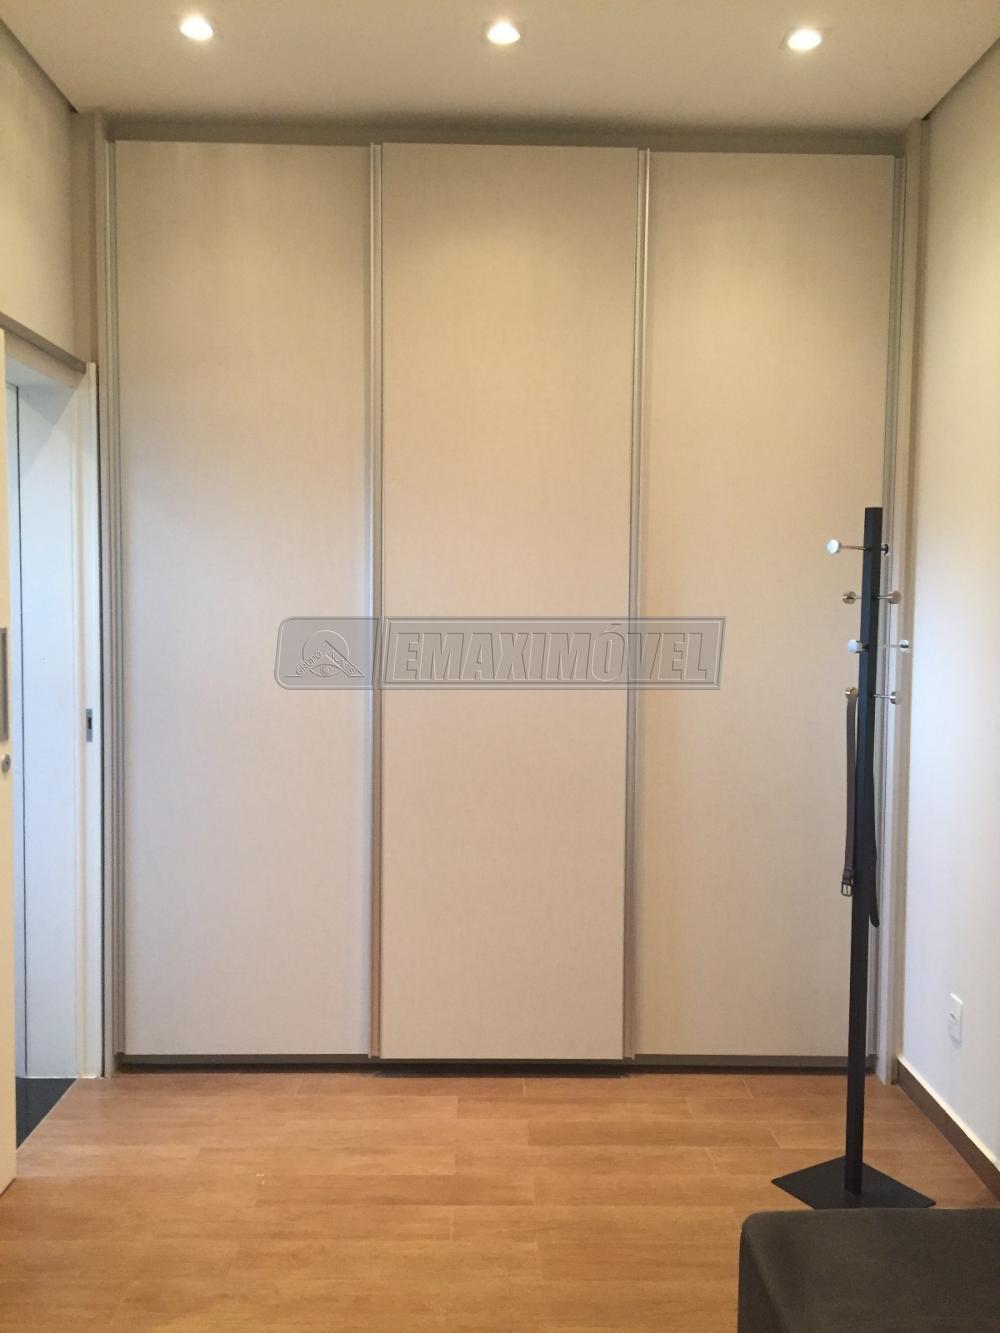 Alugar Casas / em Condomínios em Votorantim apenas R$ 7.000,00 - Foto 9